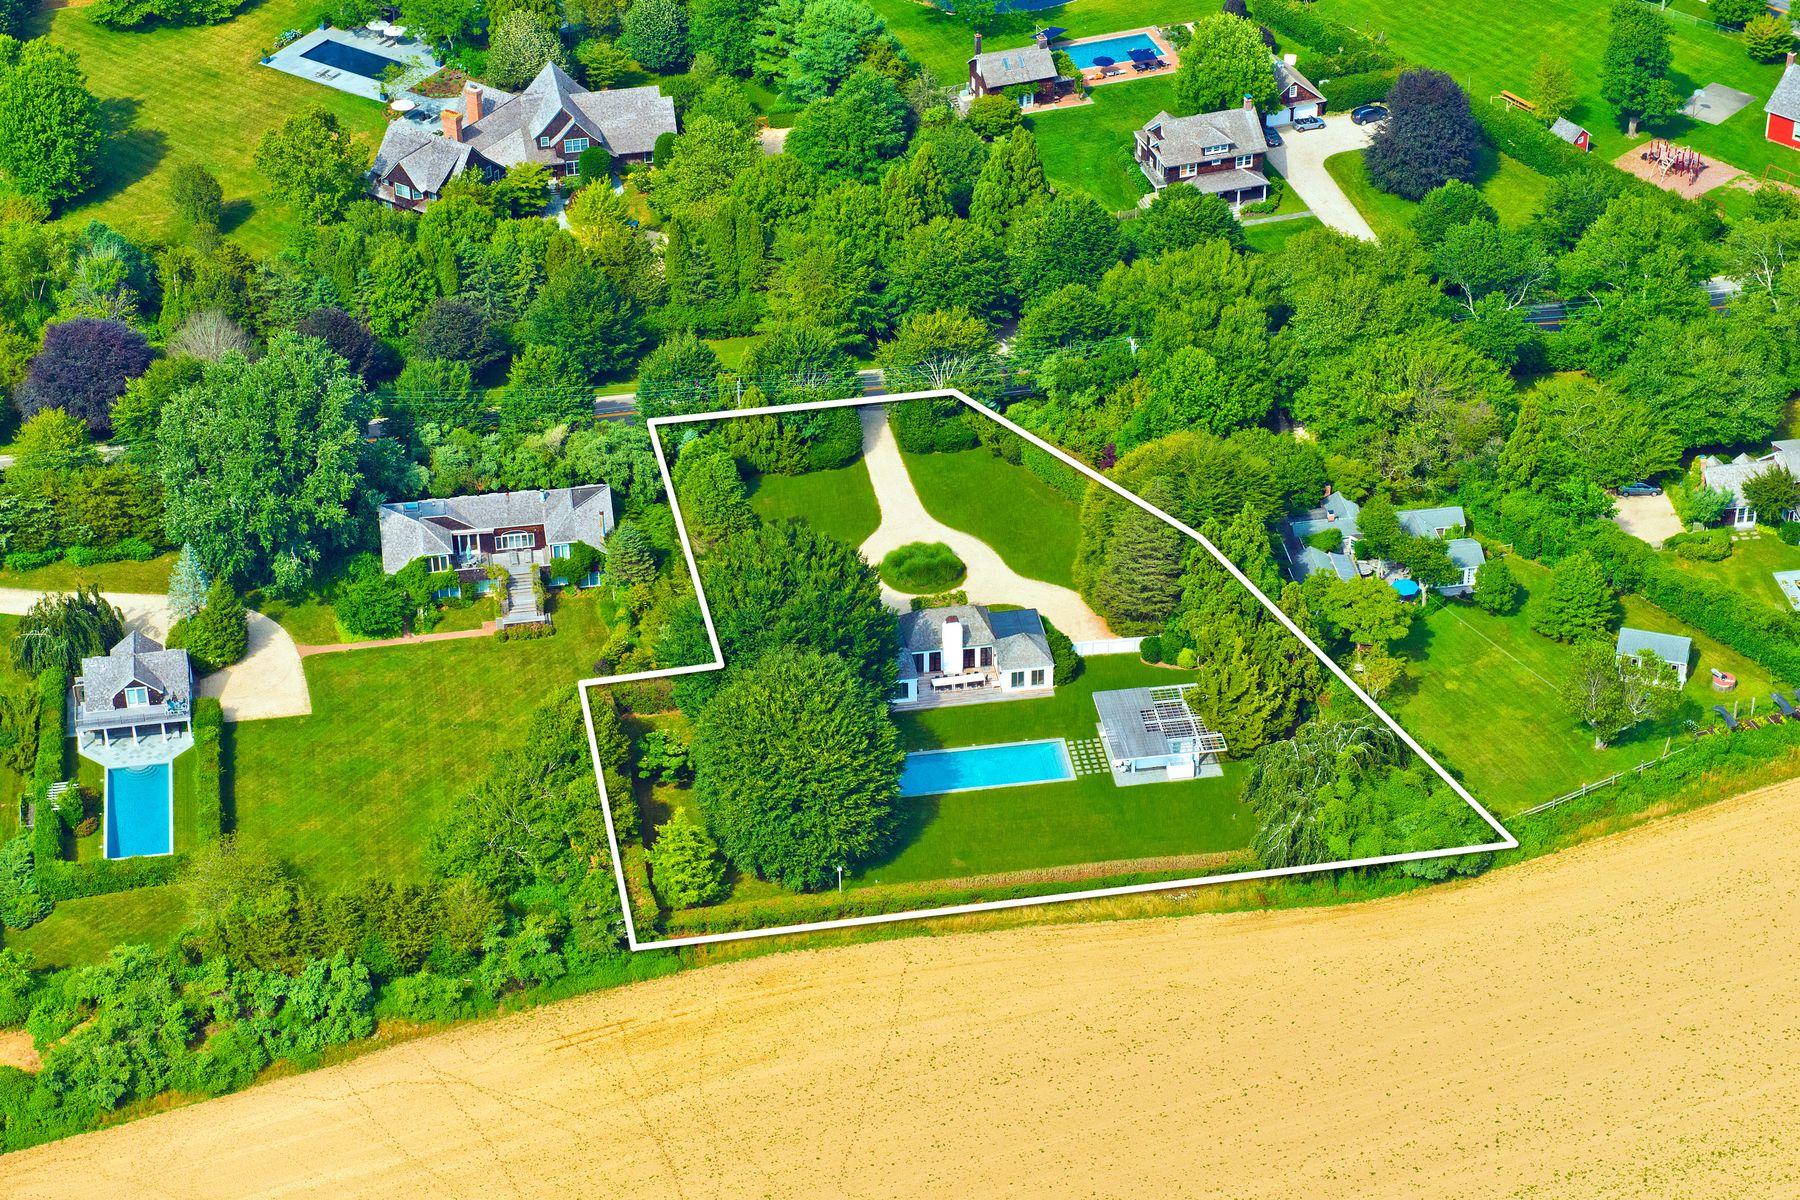 Single Family Homes für Verkauf beim Overlooking Reserve In Sagaponack 627 Sagaponack Road, Sagaponack, New York 11962 Vereinigte Staaten